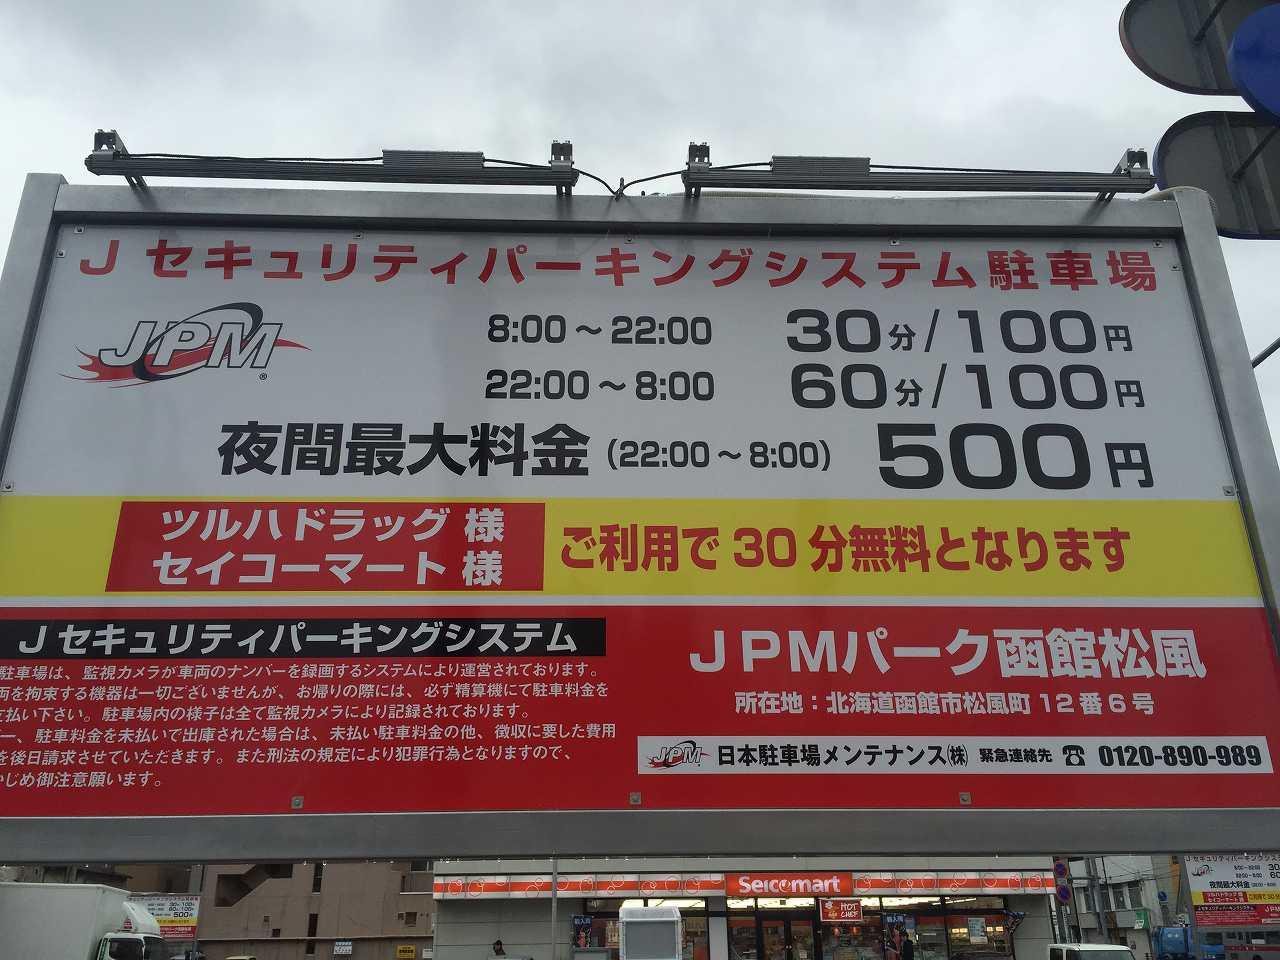 JPMパーク函館松風